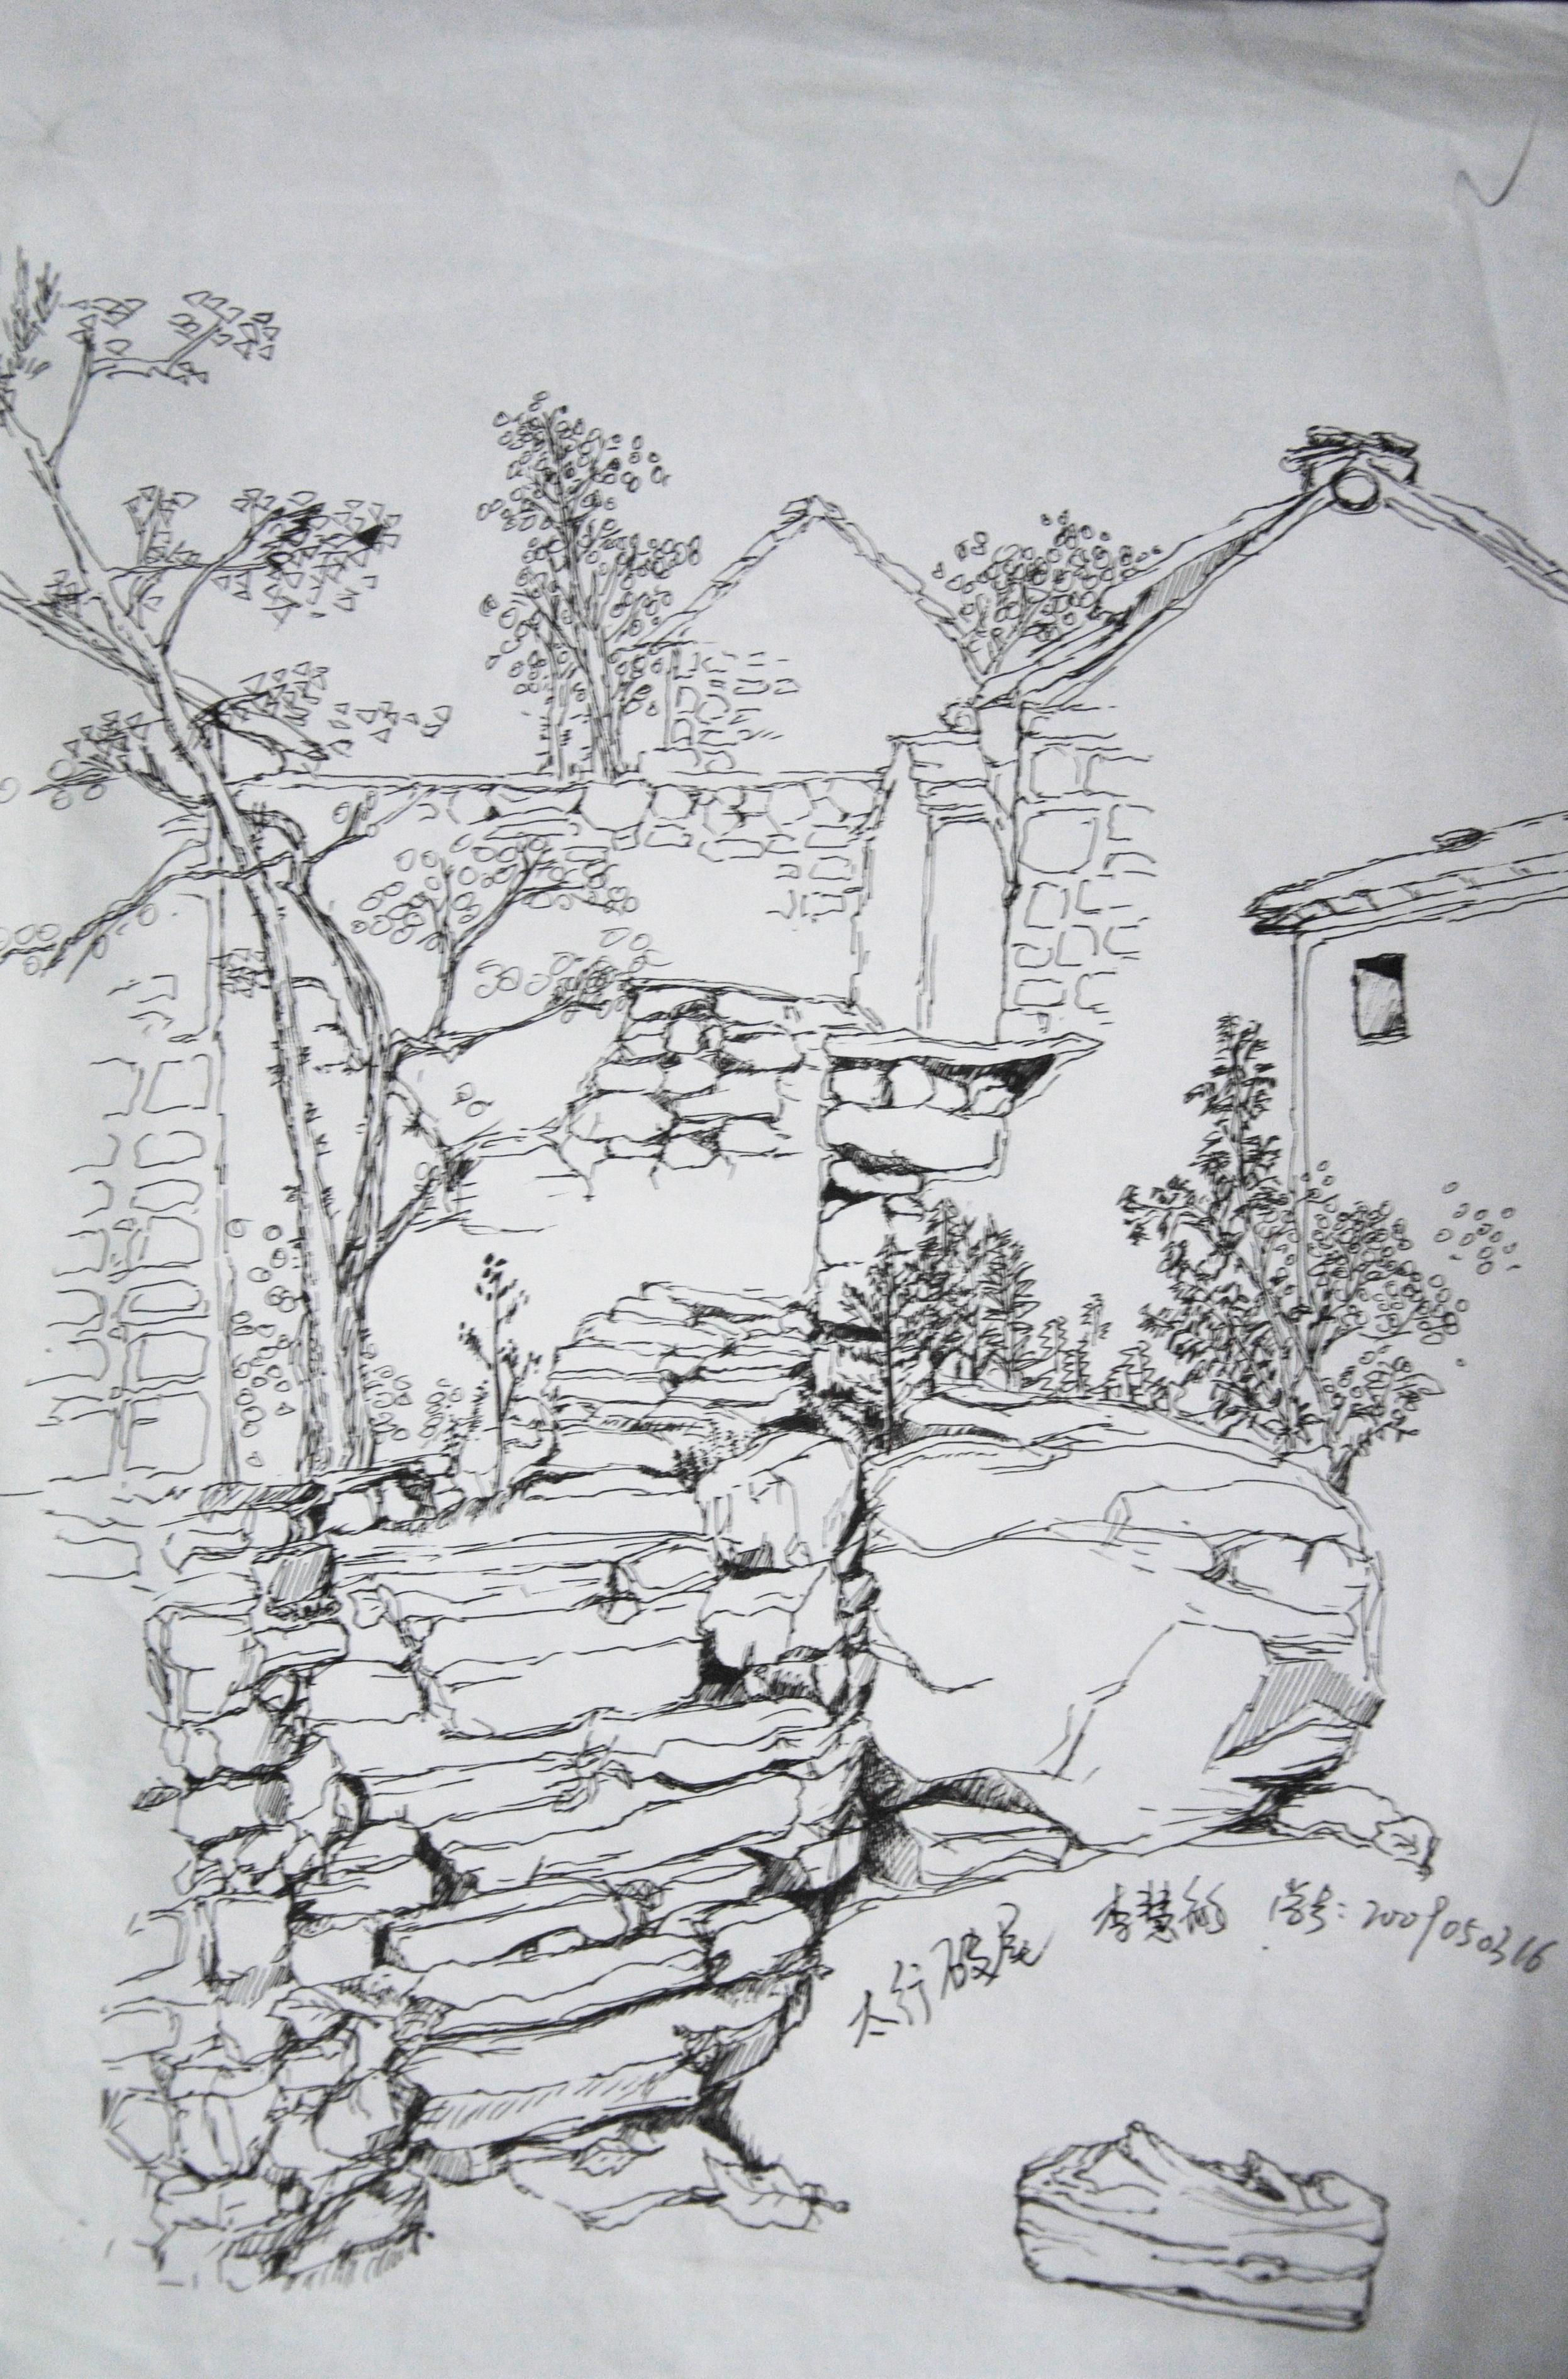 简笔画 手绘 素描 线稿 2493_3782 竖版 竖屏